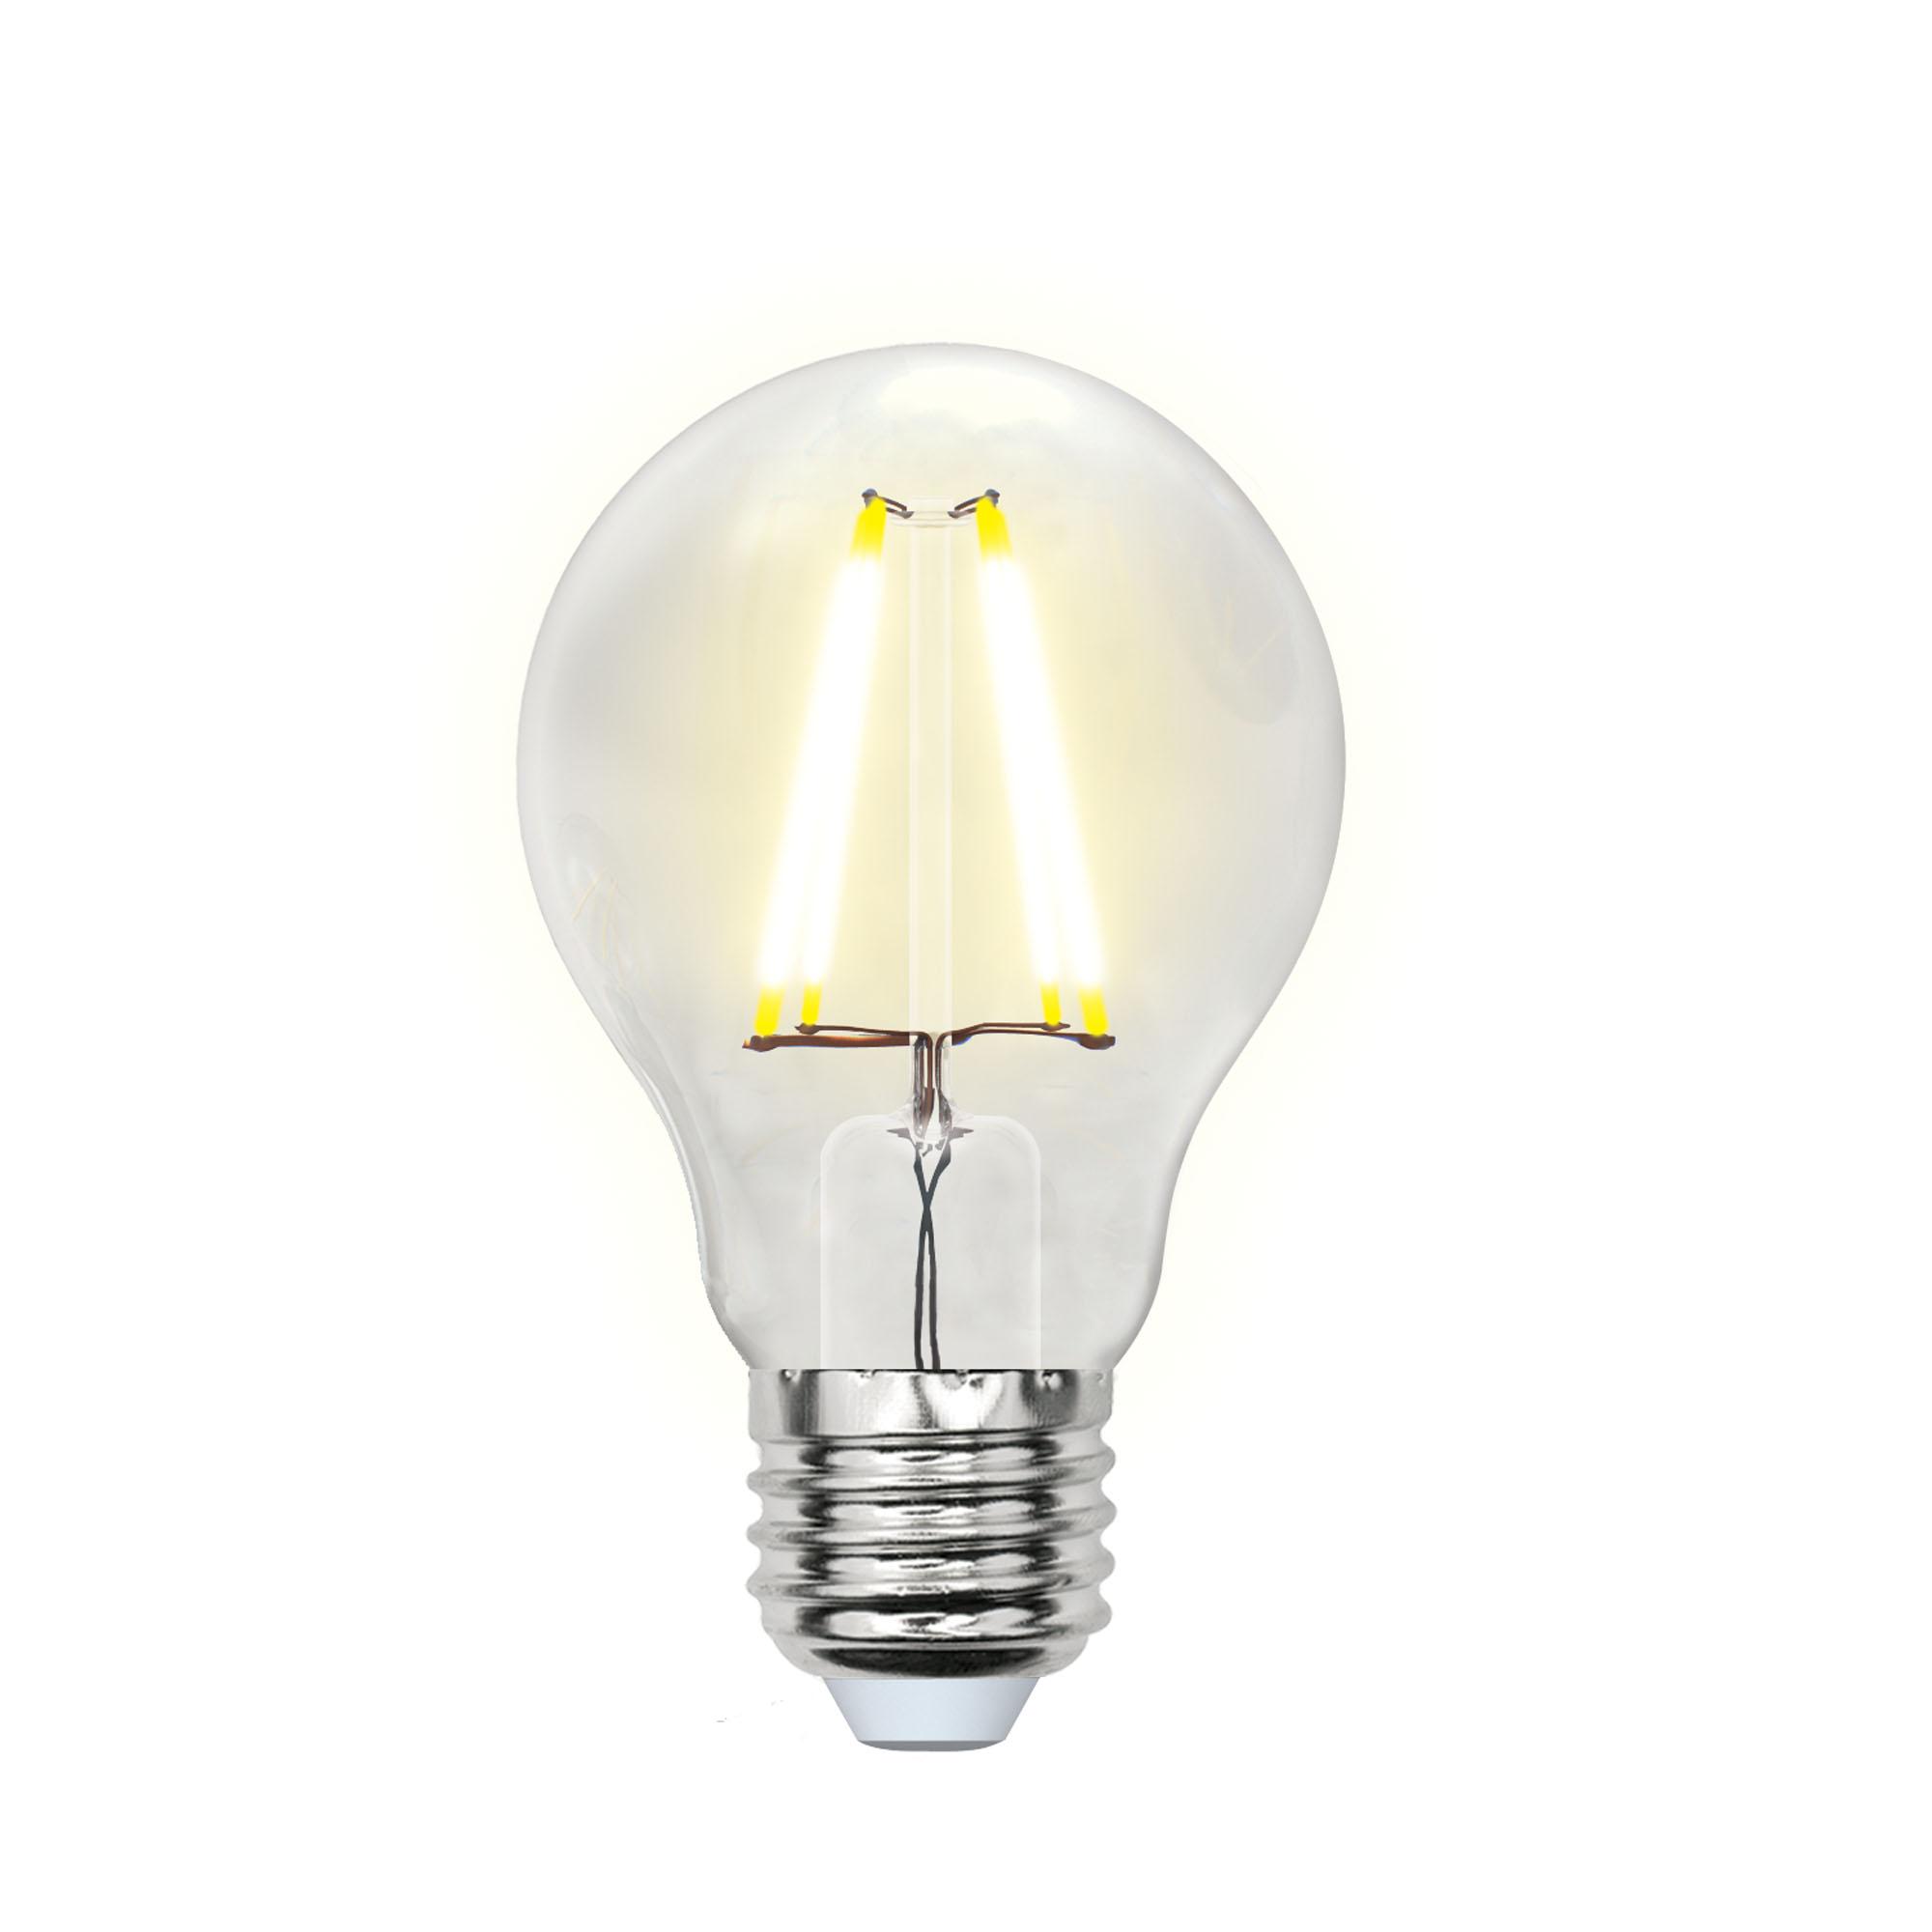 Лампа светодиодная UnielЛампы<br>Тип лампы: светодиодная,<br>Форма лампы: груша,<br>Цвет колбы: прозрачная,<br>Тип цоколя: Е27,<br>Напряжение: 200-250,<br>Мощность: 8,<br>Цветовая температура: 3000,<br>Цвет свечения: теплый,<br>Длина (мм): 102<br>